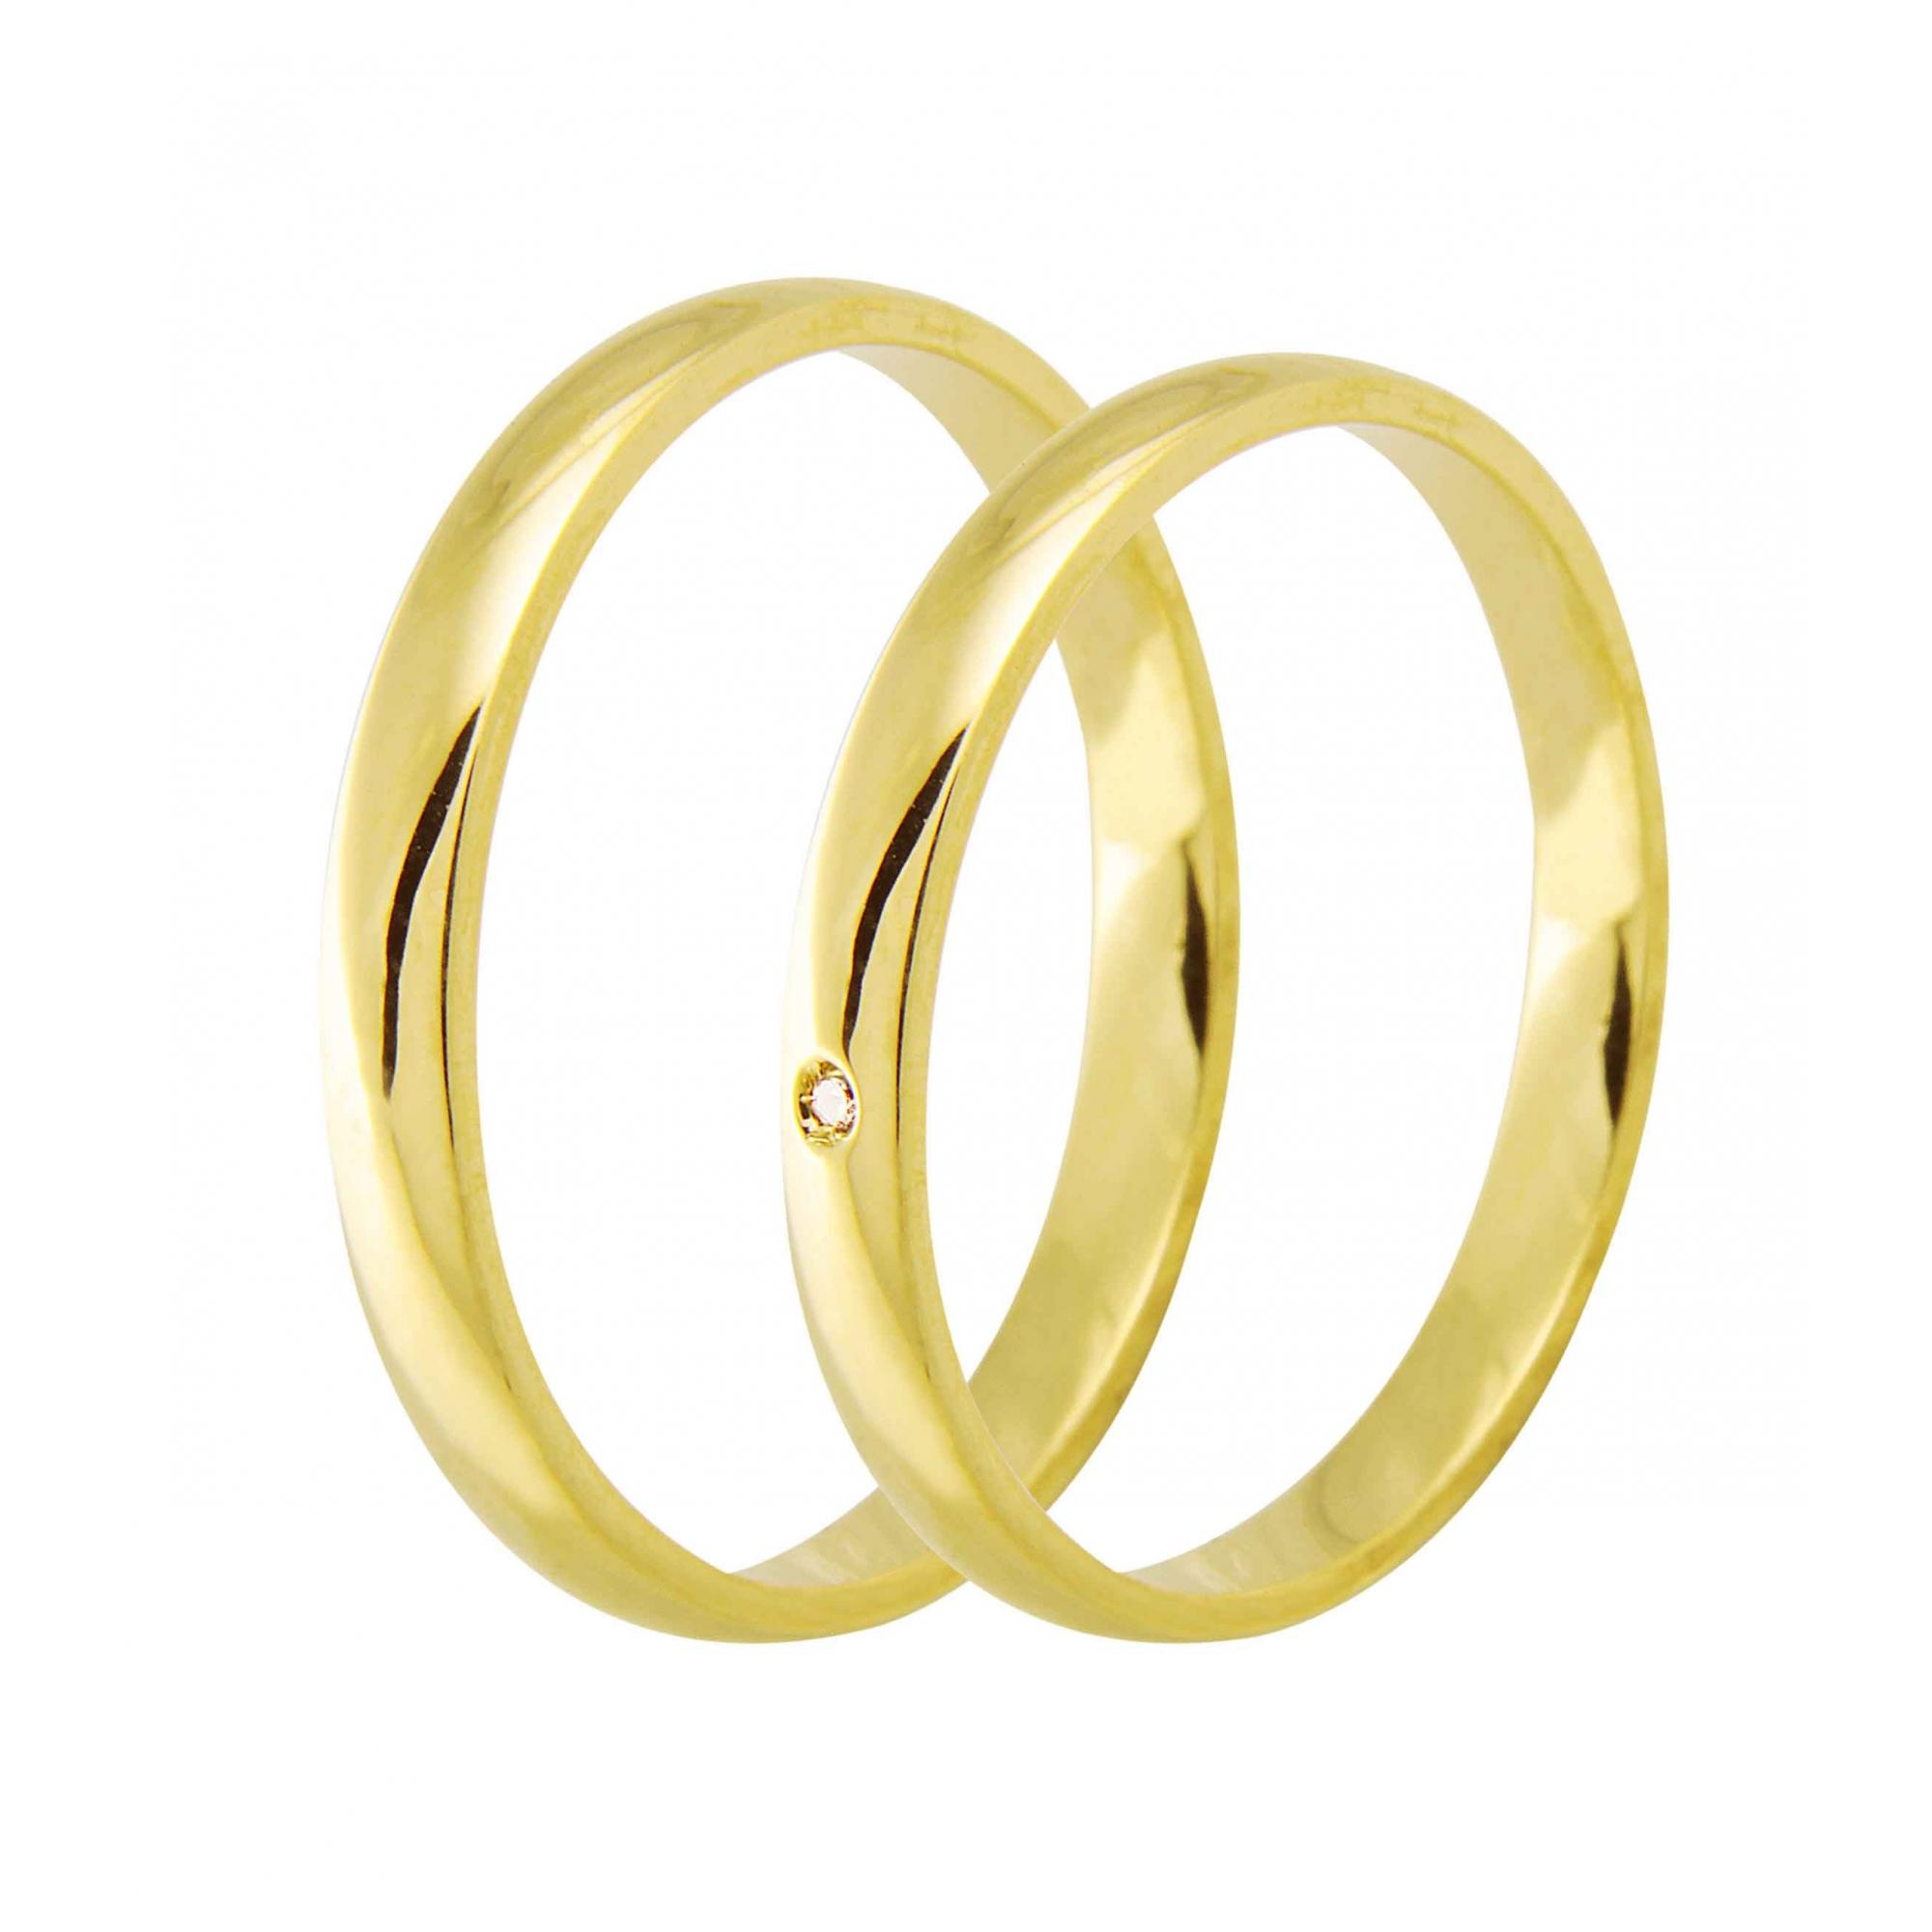 Aliança de Casamento Santiny Classic em Ouro 18k e Diamante - Unitária (2.5mm)